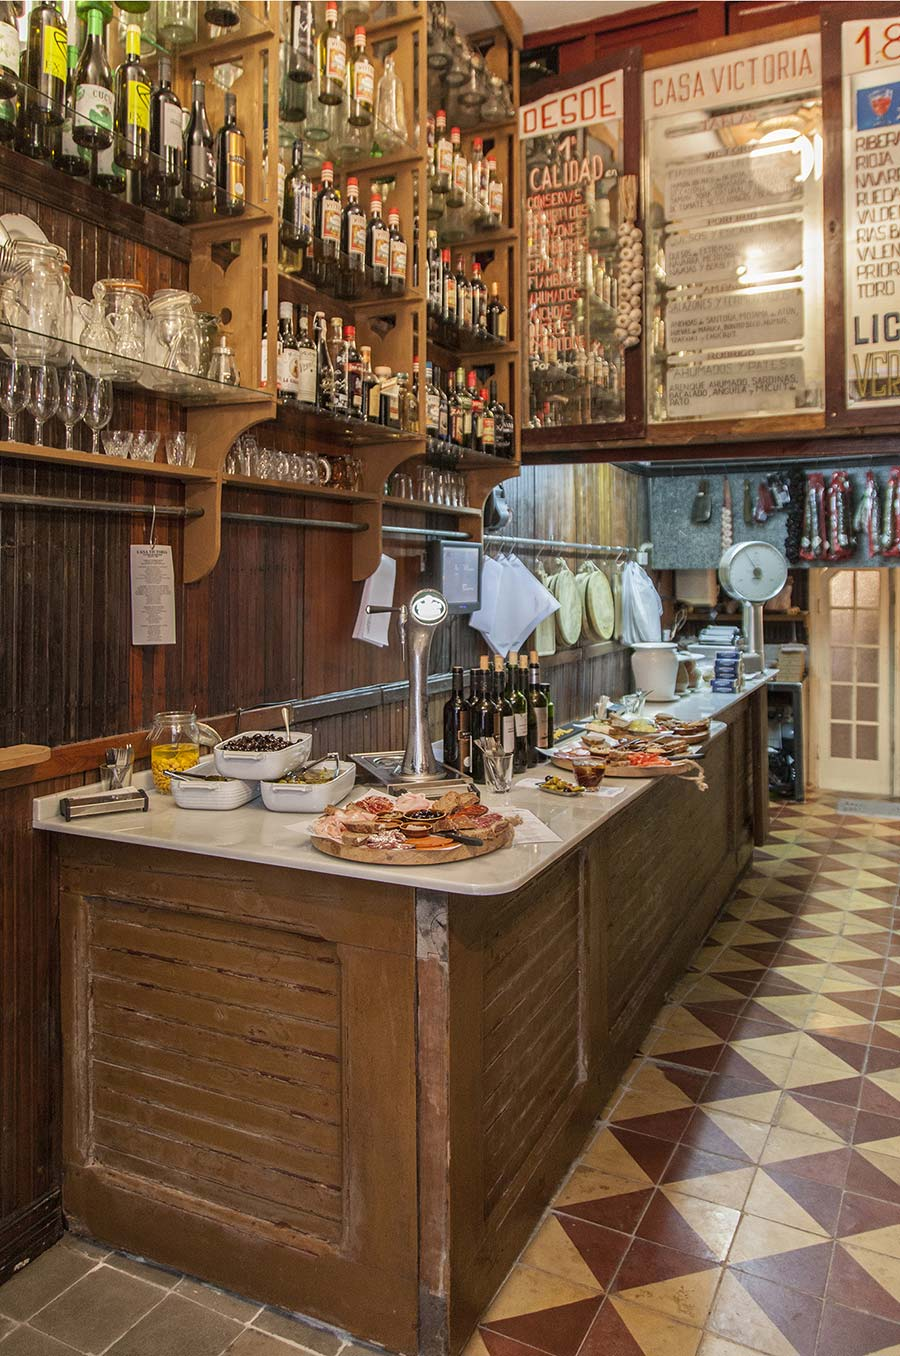 Dise o interior y decoraci n de vermuter a o bar de tapas - Decorar un bar de tapas ...